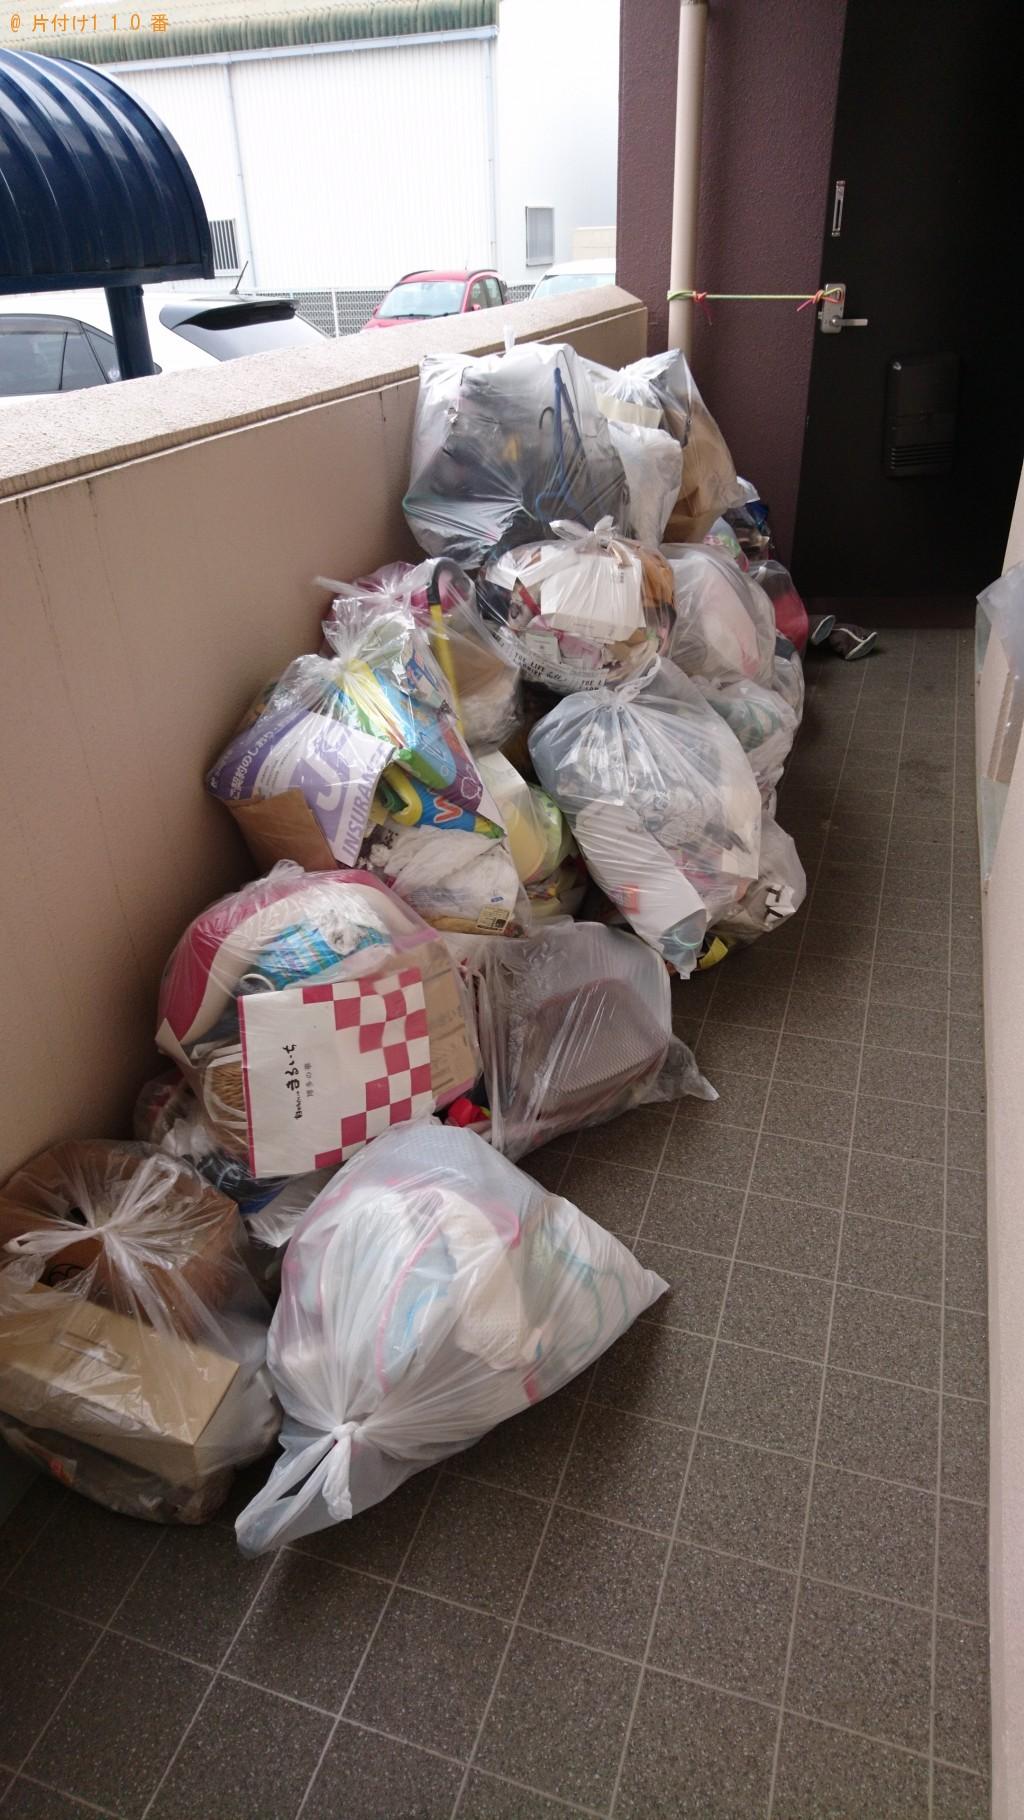 【高知市】マッサージチェア、衣類など回収・処分ご依頼 お客様の声